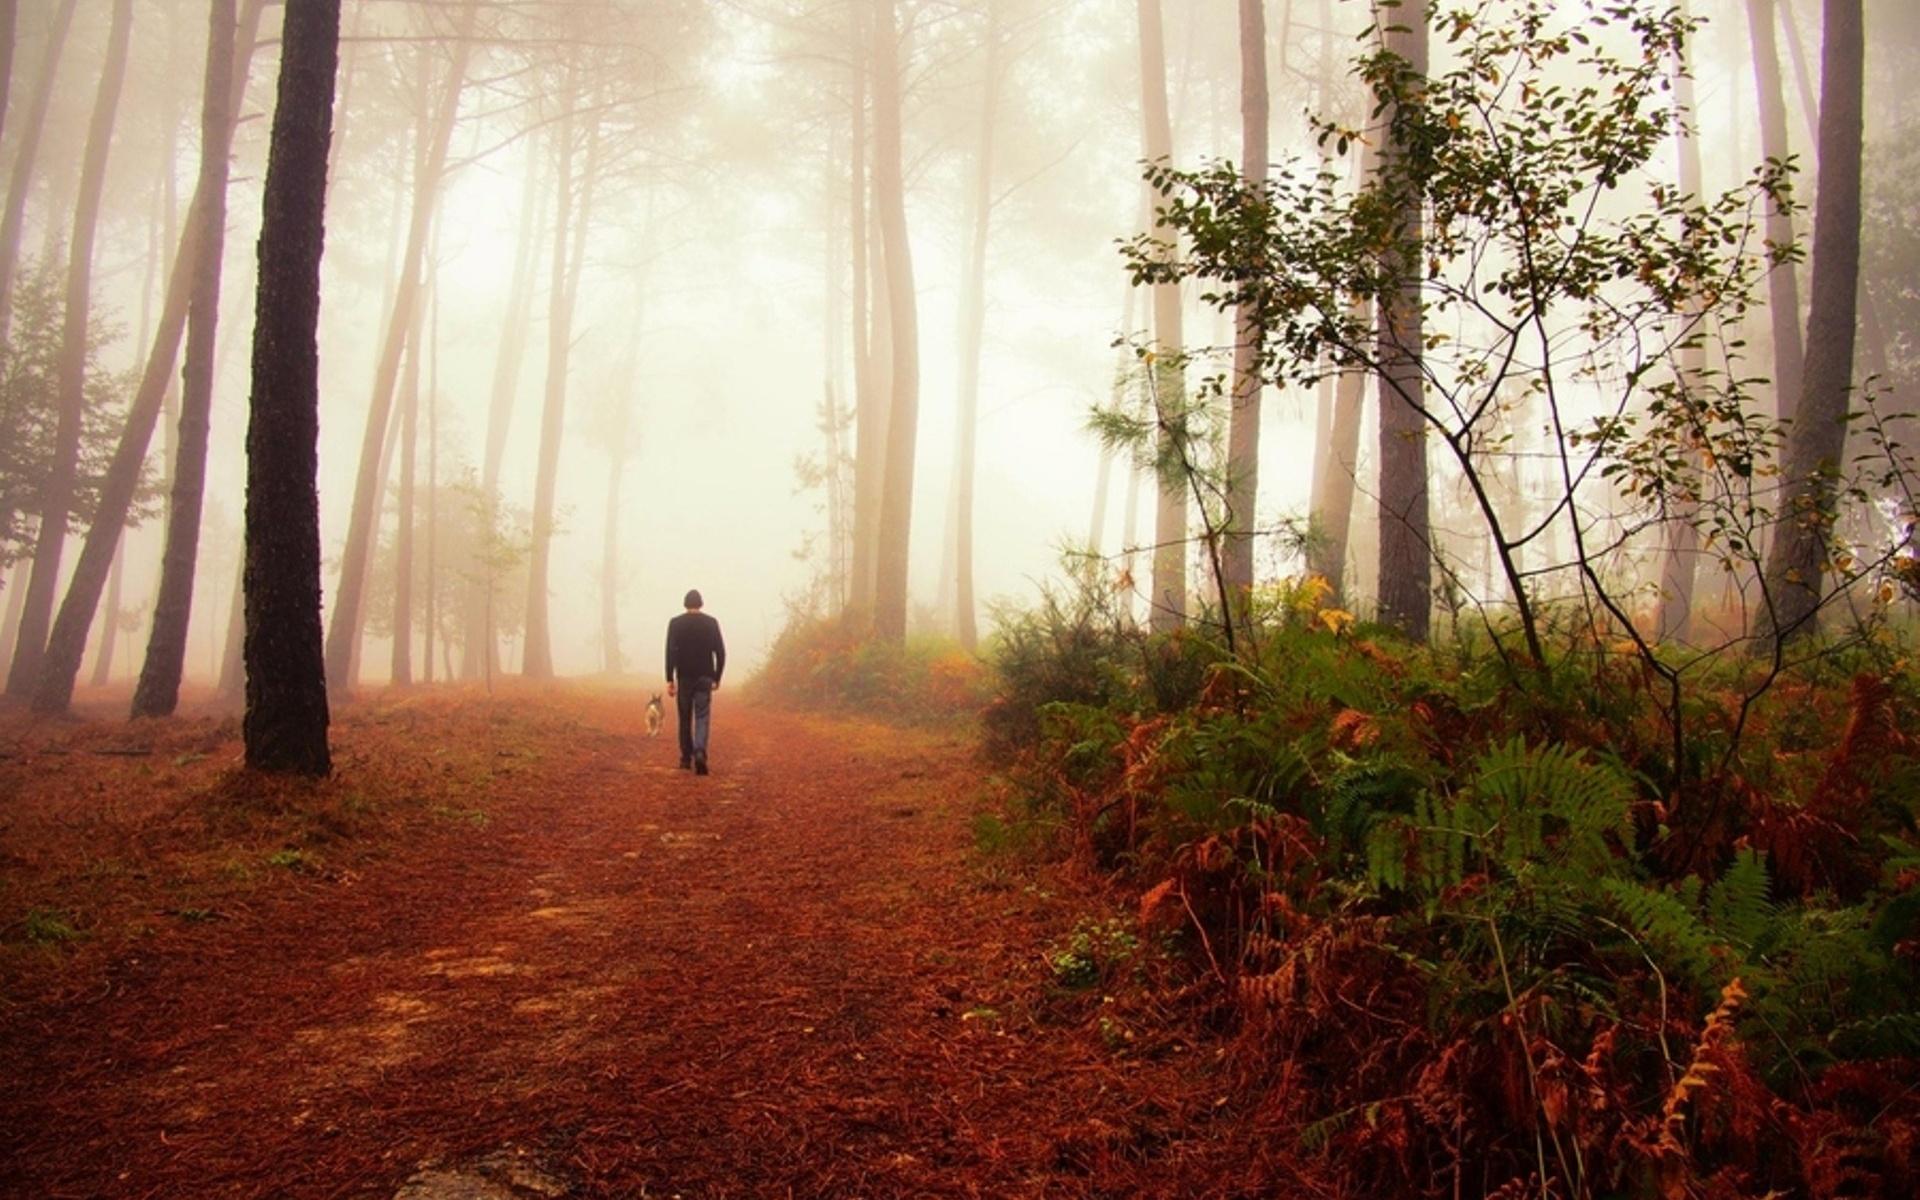 фото конкурс жизнь леса и судьбы людей порчу